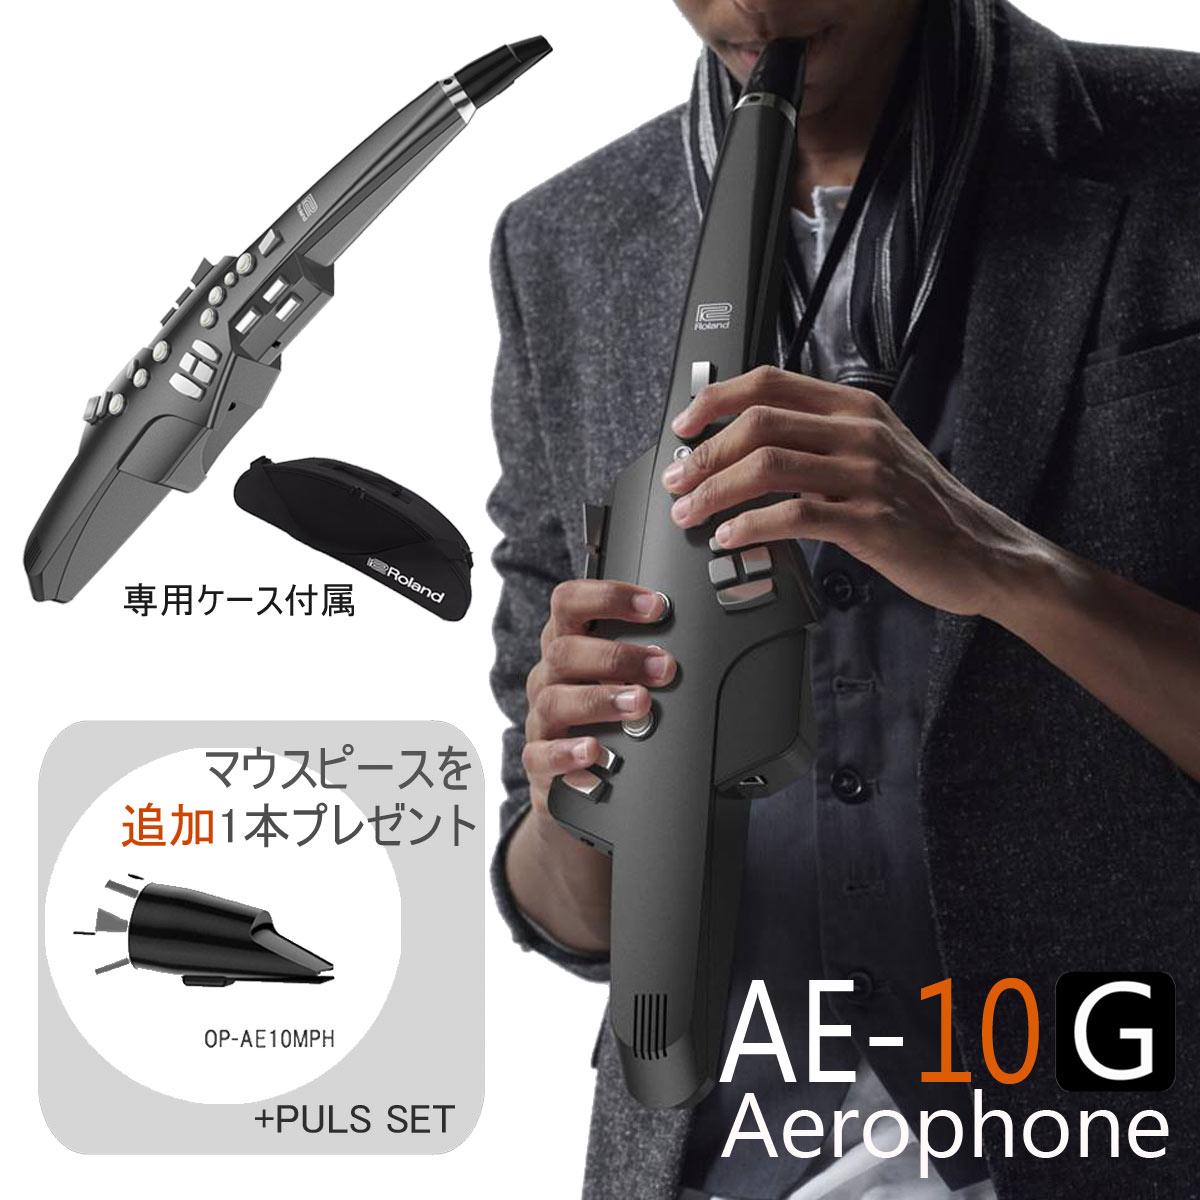 【在庫あり】Roland ローランド// Aerophone AE-10G グラファイトブラック エアロフォン エアロフォン 《交換用マウスピースプレゼント》 Aerophone【送料無料】【YRK】, 布団枕マットレス通販ふかふか:f3bb115f --- data.gd.no